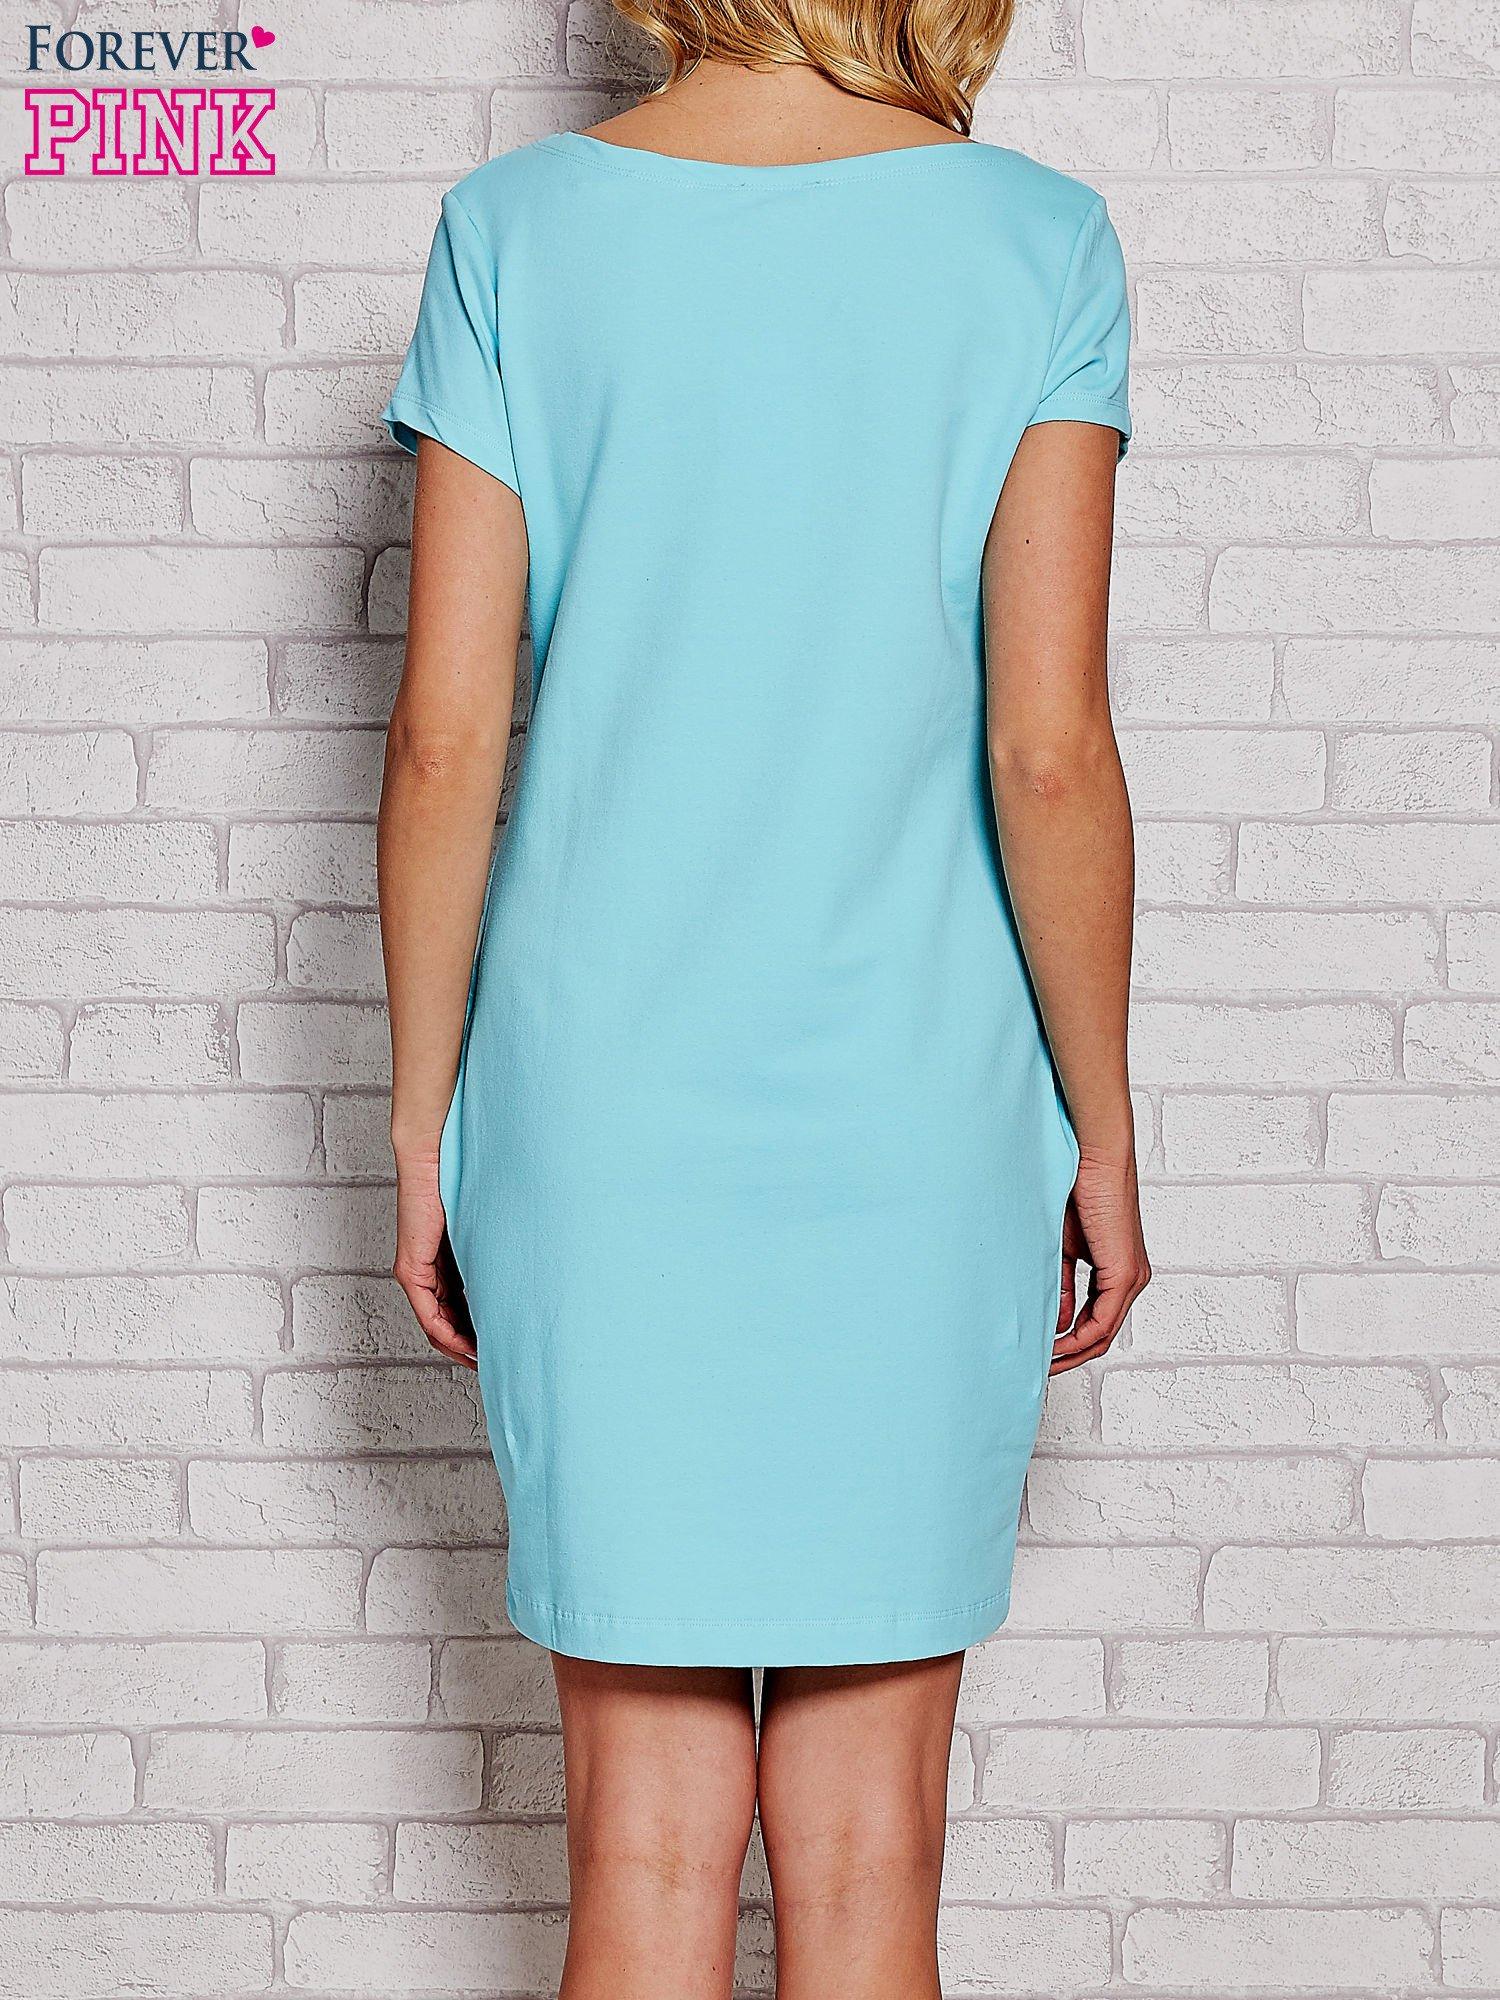 Błękitna sukienka dresowa z kieszeniami                                  zdj.                                  4